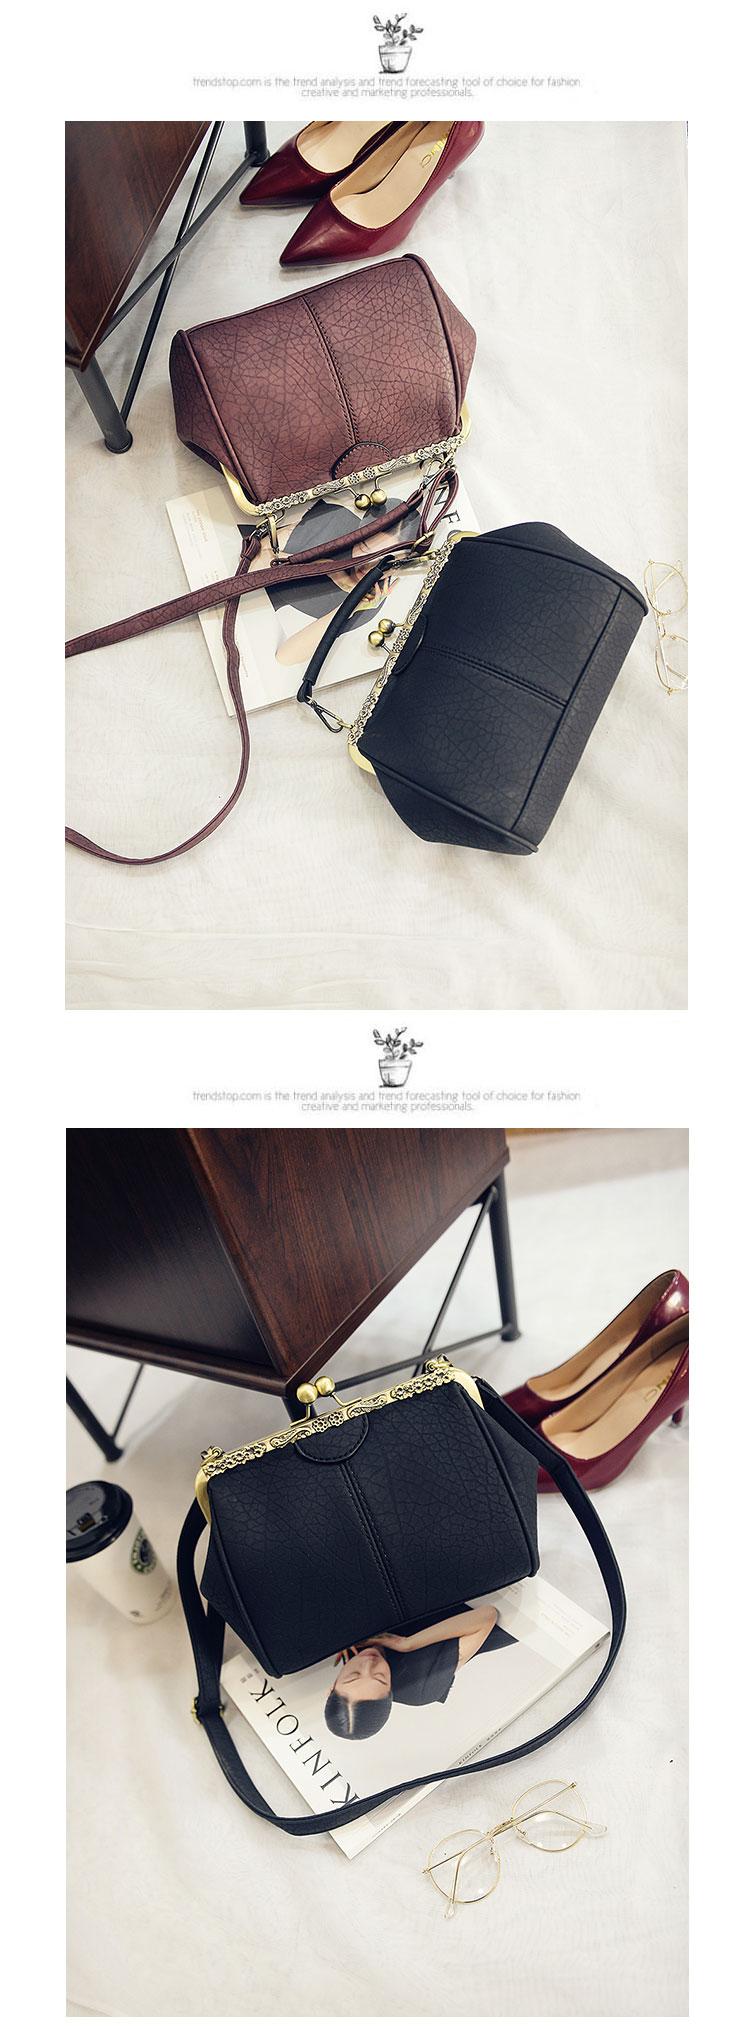 กระเป๋าสะพาย แฟชั่นเกาหลีแนววินเทจถือและมีสายยาวรุ่นใหม่สวย นำเข้า - พรีออเดอร์IS1058